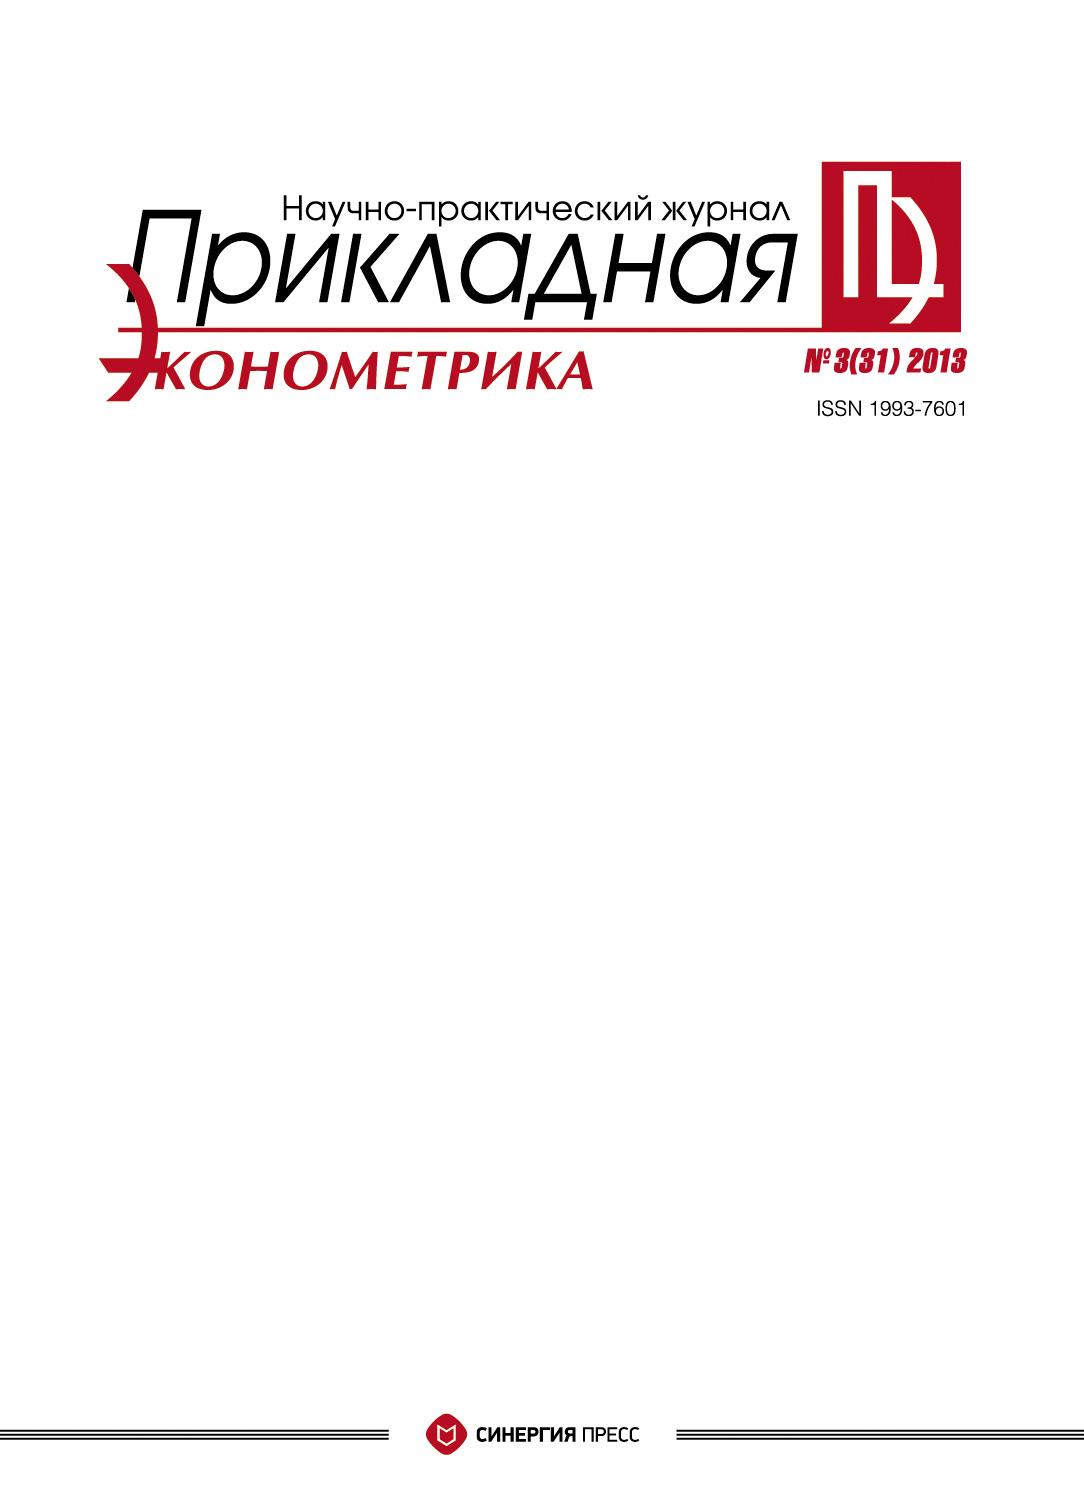 Отсутствует Прикладная эконометрика №3 (31) 2013 отсутствует прикладная эконометрика 3 39 2015